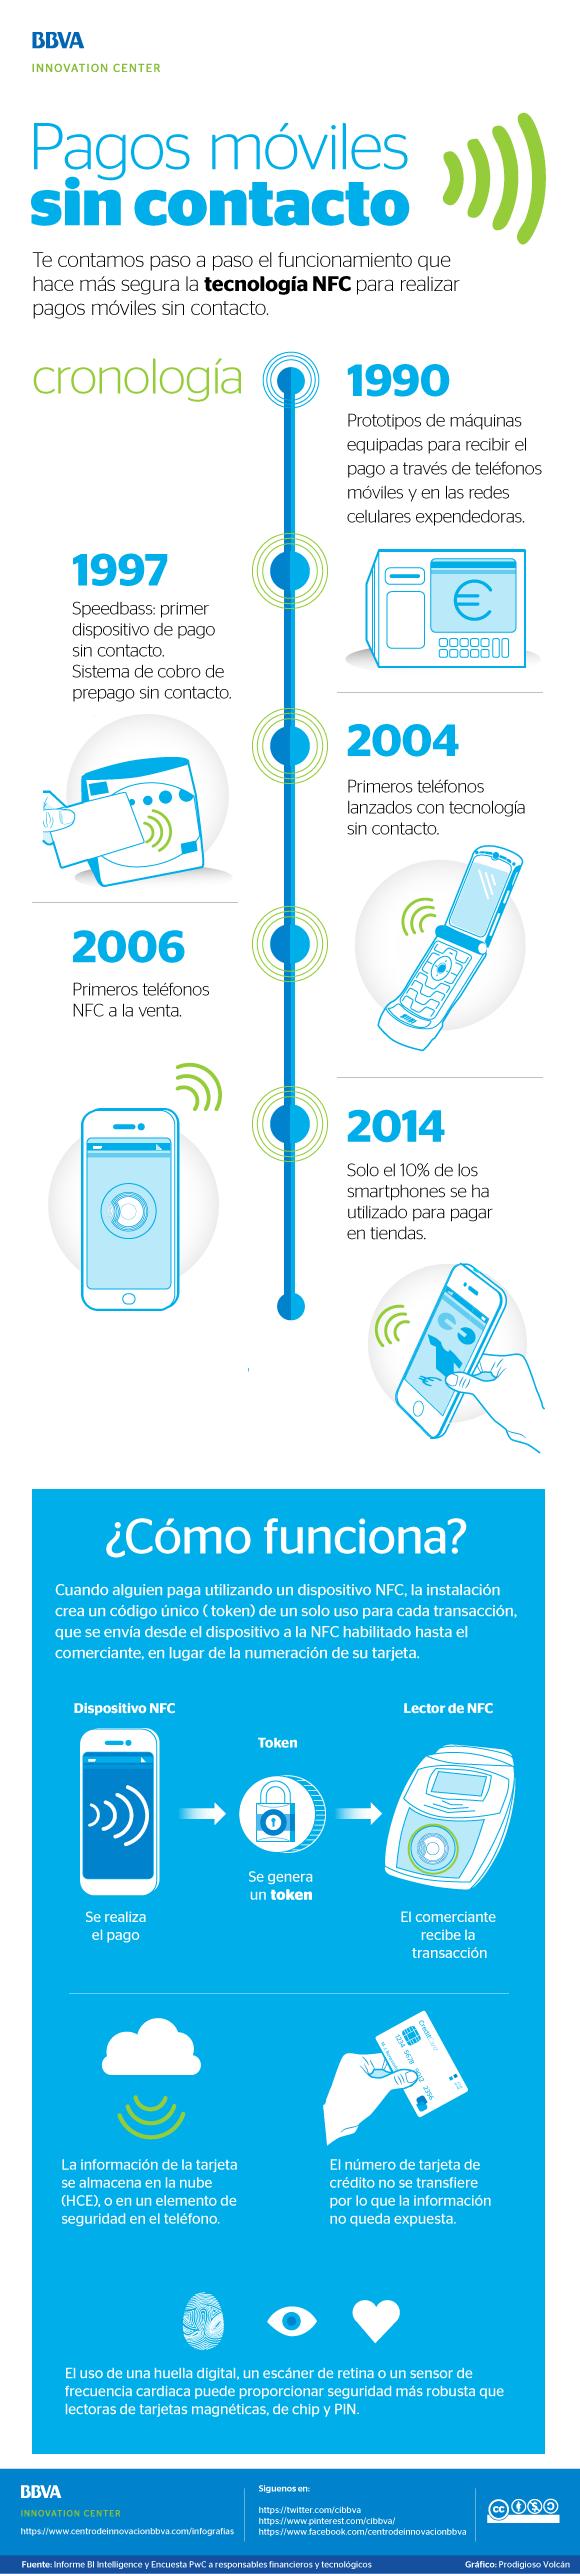 Pagos móviles sin contacto